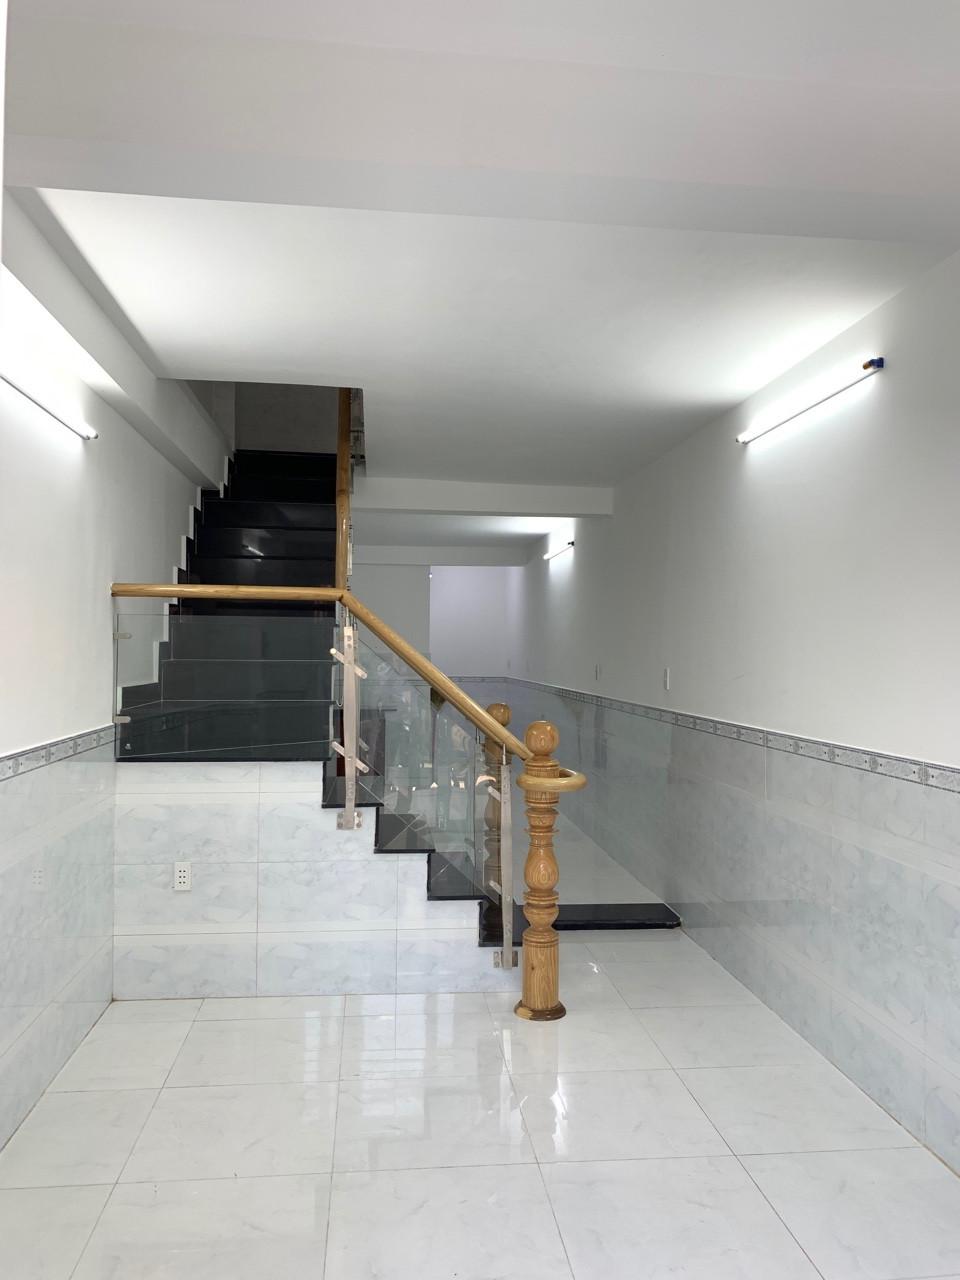 Bán nhà hẻm 861 Trần Xuân Soạn Quận 7 Giá Rẻ